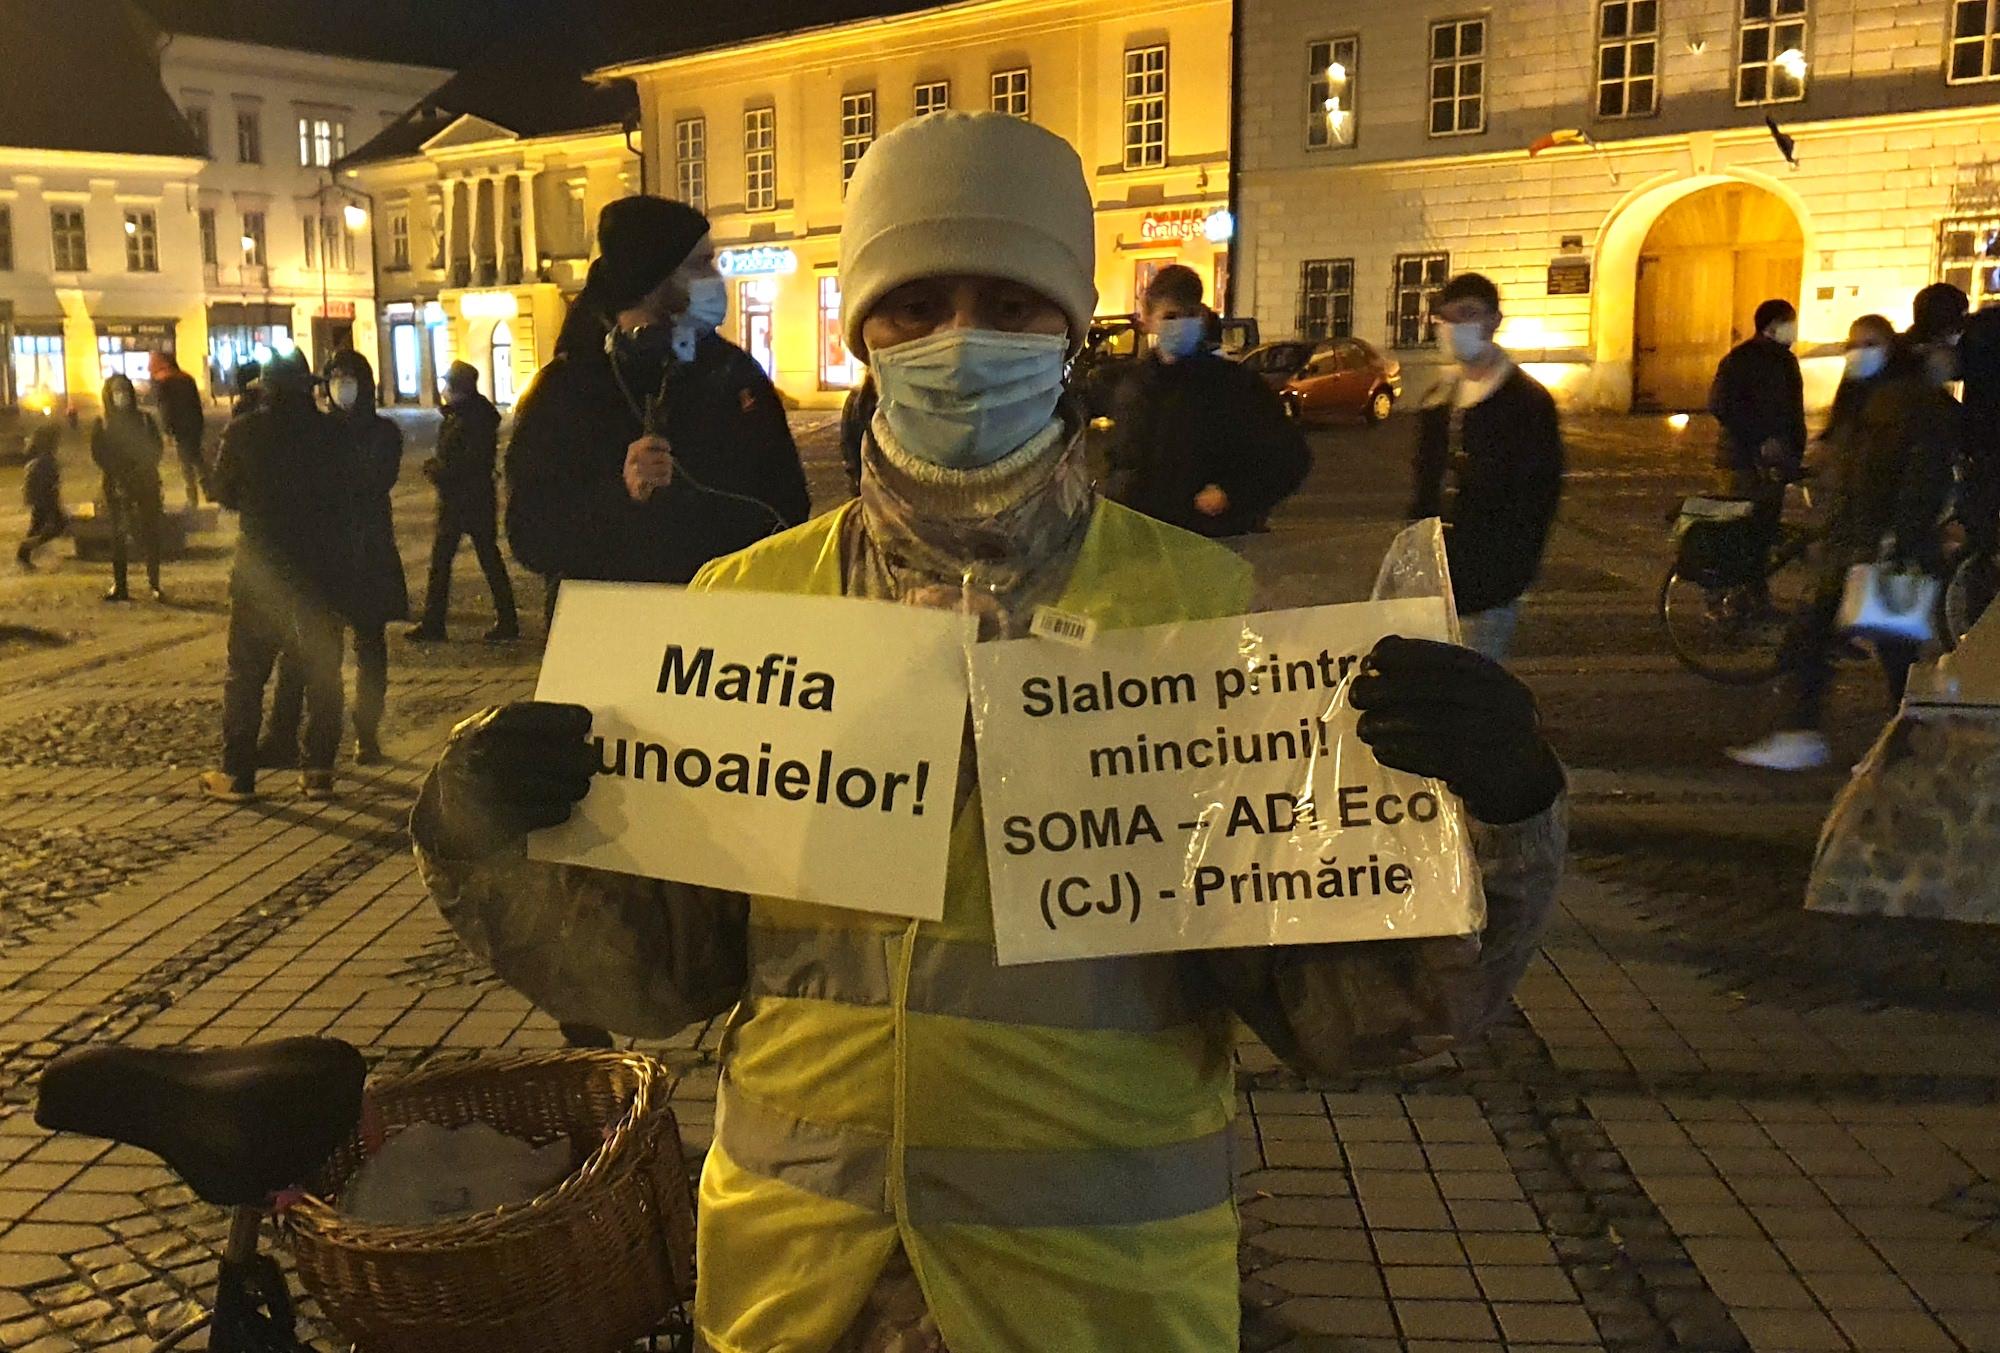 Aproximativ 40 de sibieni au protestat în fața Primăriei. Rezumatul: lipsa de încredere în instituții